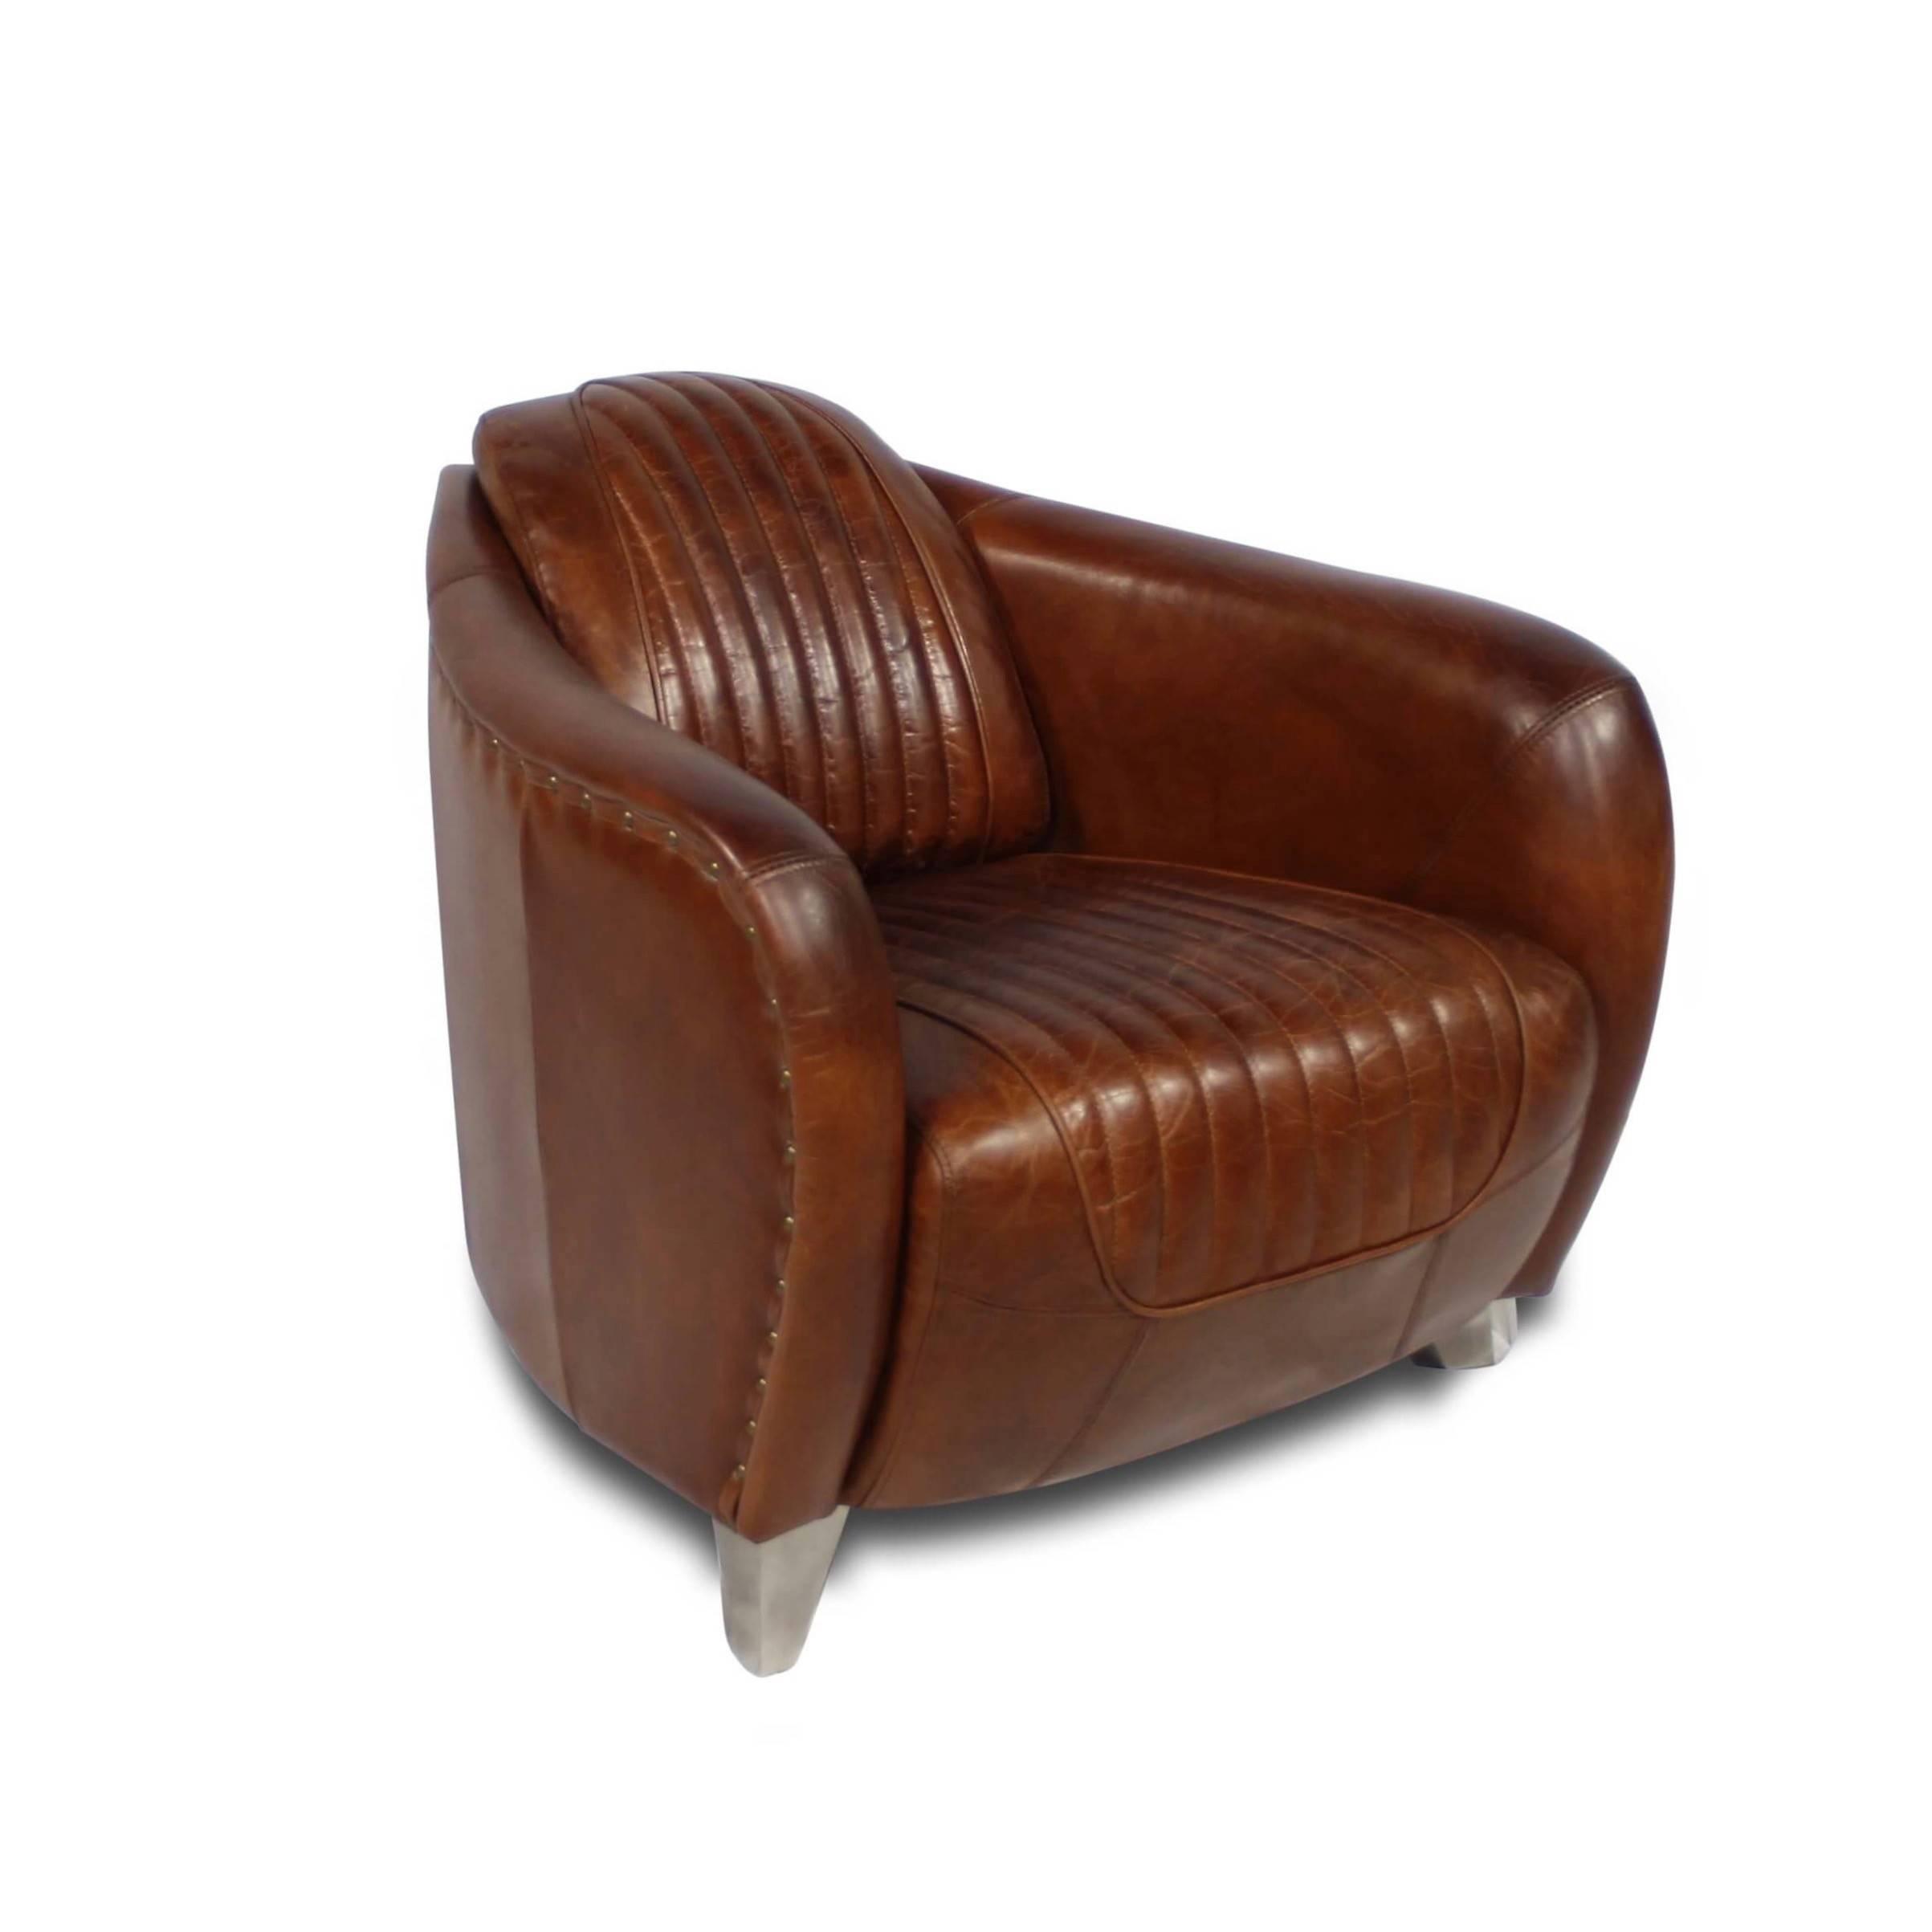 Clubsessel In Braunem Leder Vintage Stil Frankreich Stanfield